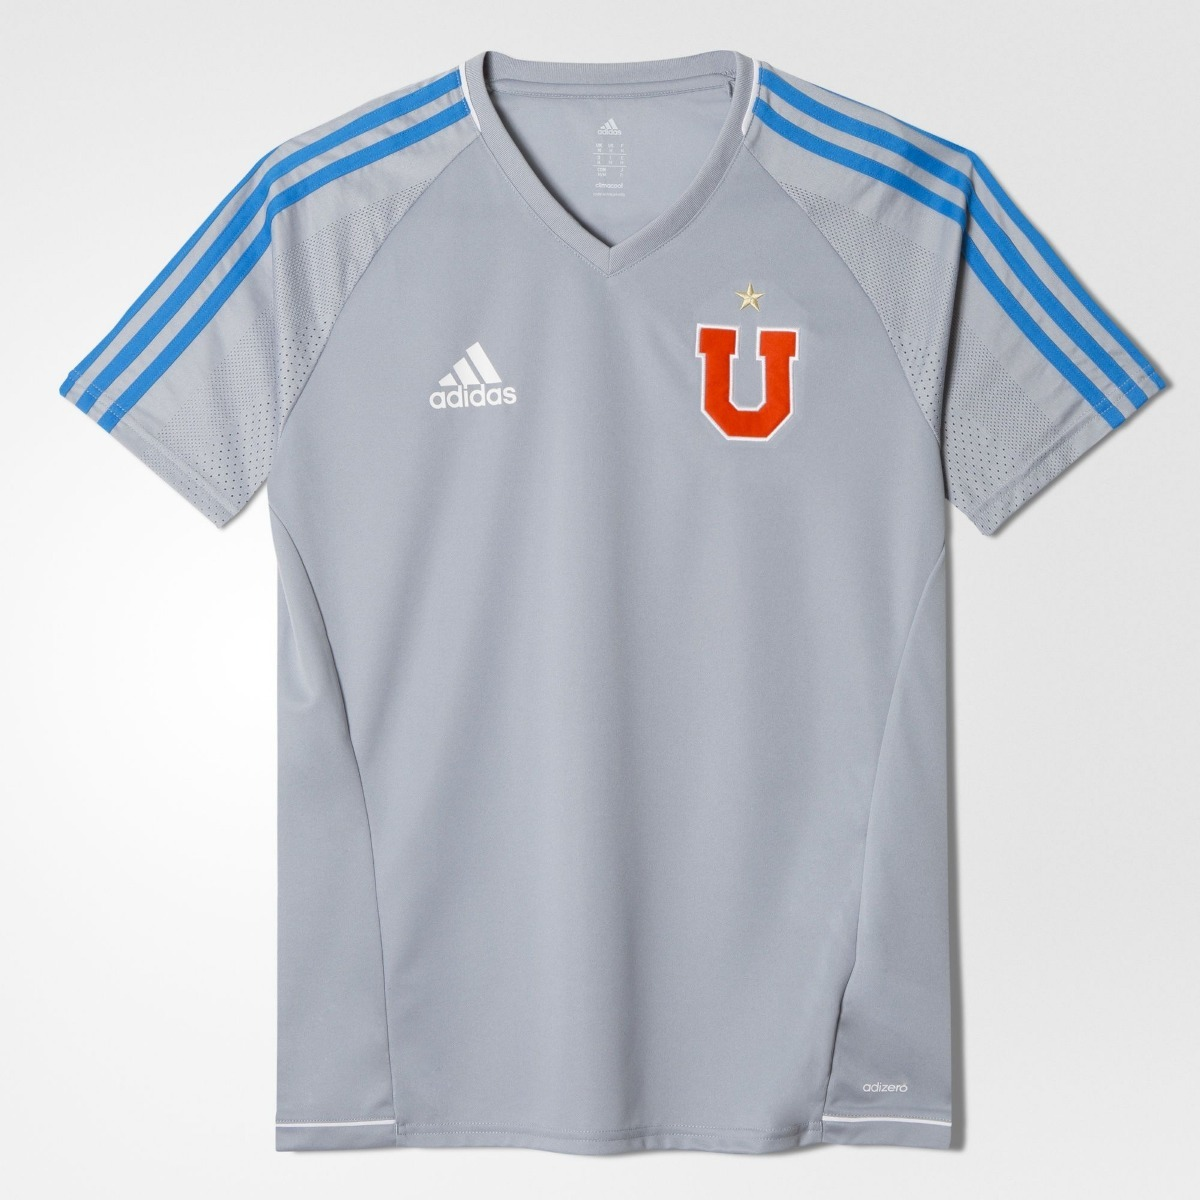 adidas Camiseta Futbol Universidad De Chile Br2850 -   20.000 en ... 9b8305a20f89a